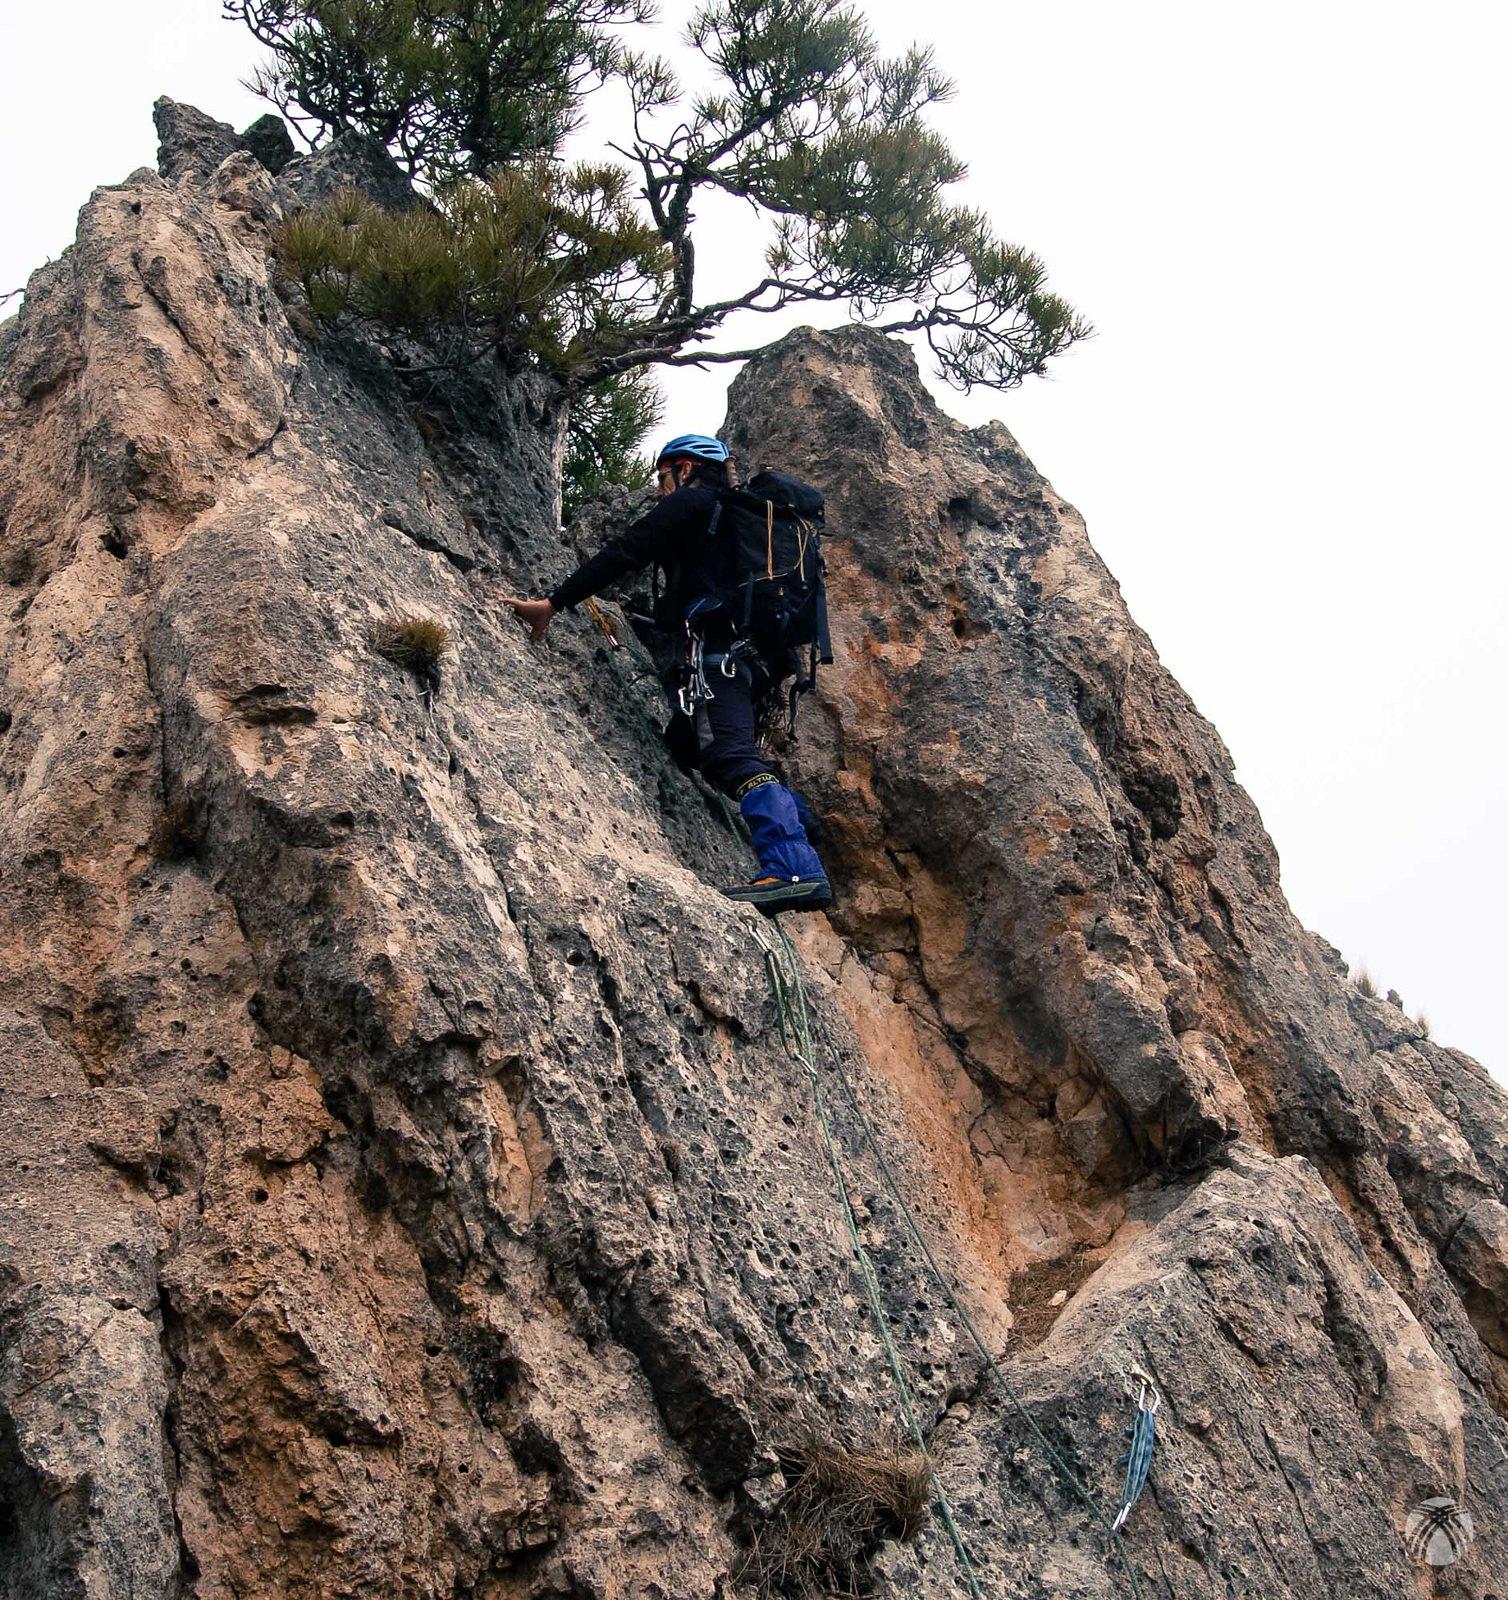 Primer paño de grado IV con el pino en la zona superior para montar la reunión